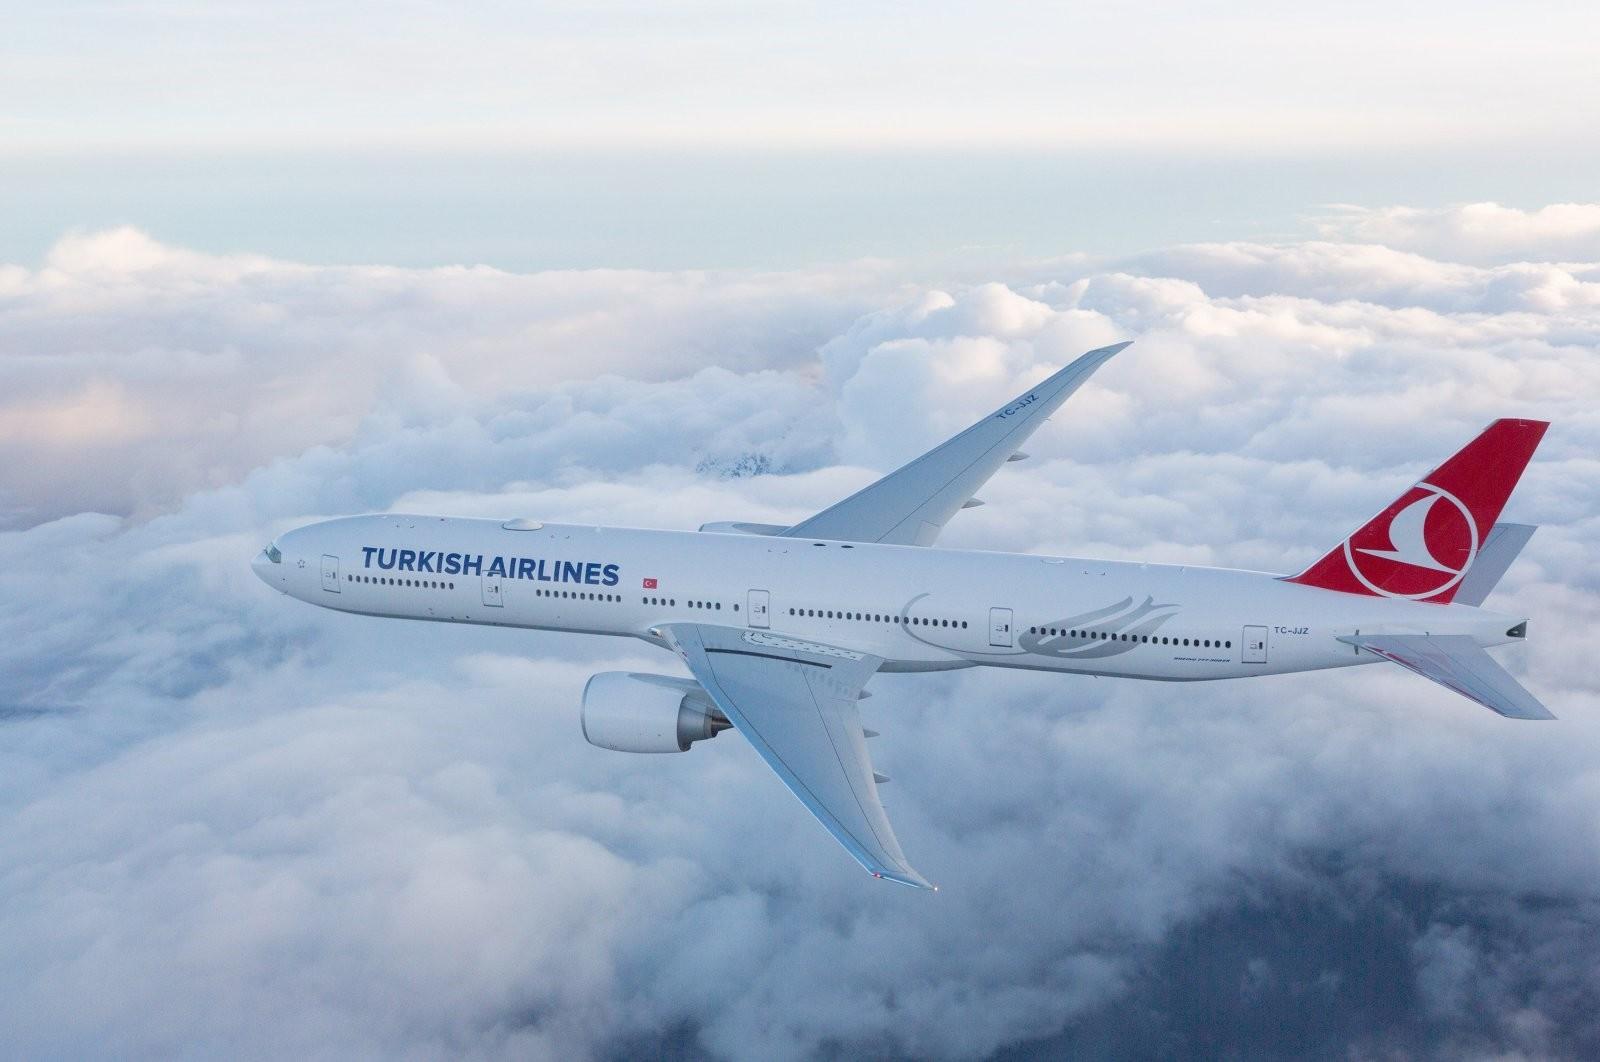 عودة رحلات الطيران بين تركيا والسودان